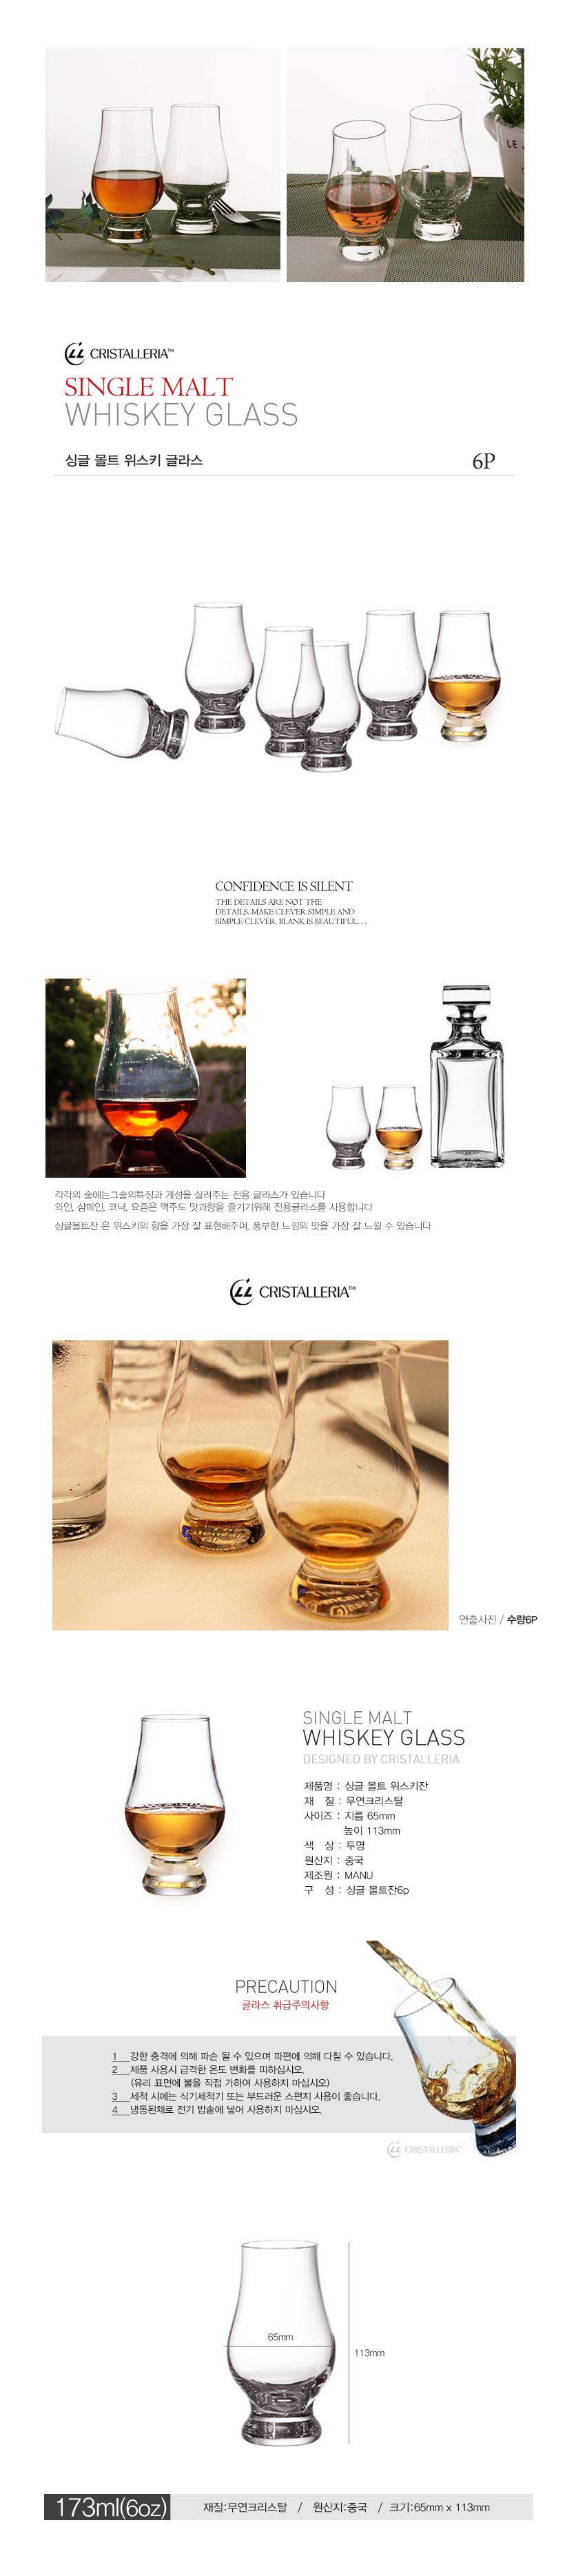 싱글 몰트 위스키잔(single malt whiskey) 6P - 재미있는생활, 30,000원, 유리컵/술잔, 양주/위스키잔